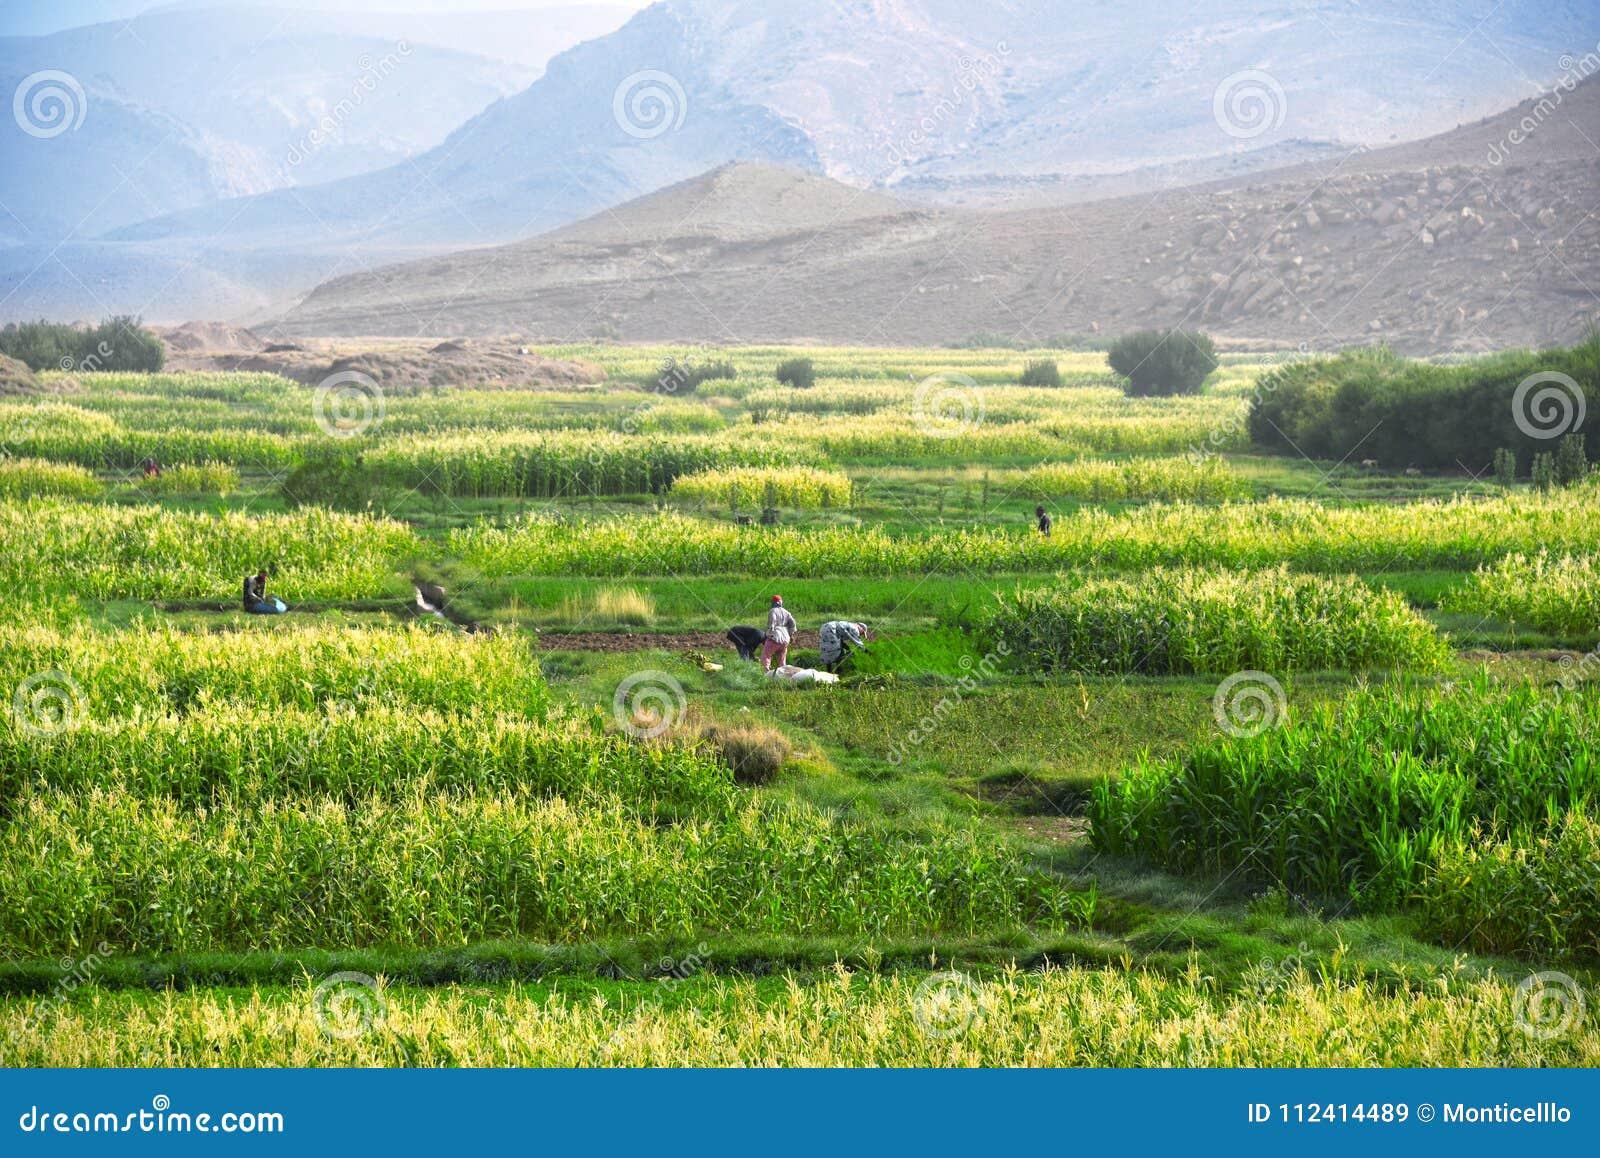 Self-sufficient Labor-intensive Farming In Morocco Stock